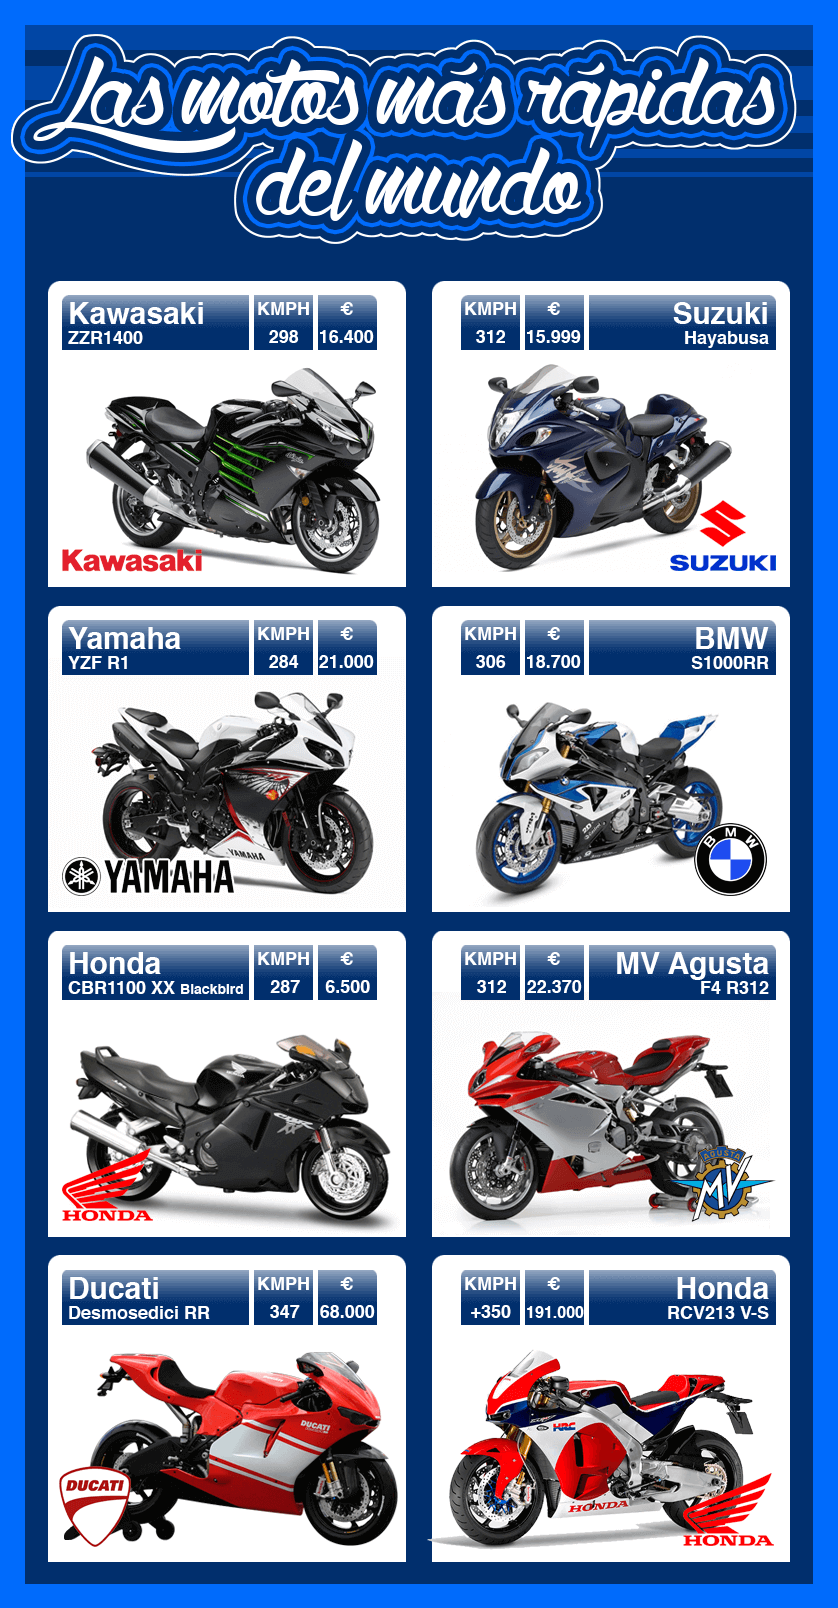 Motos más rápidas del mundo | Seguropordias®